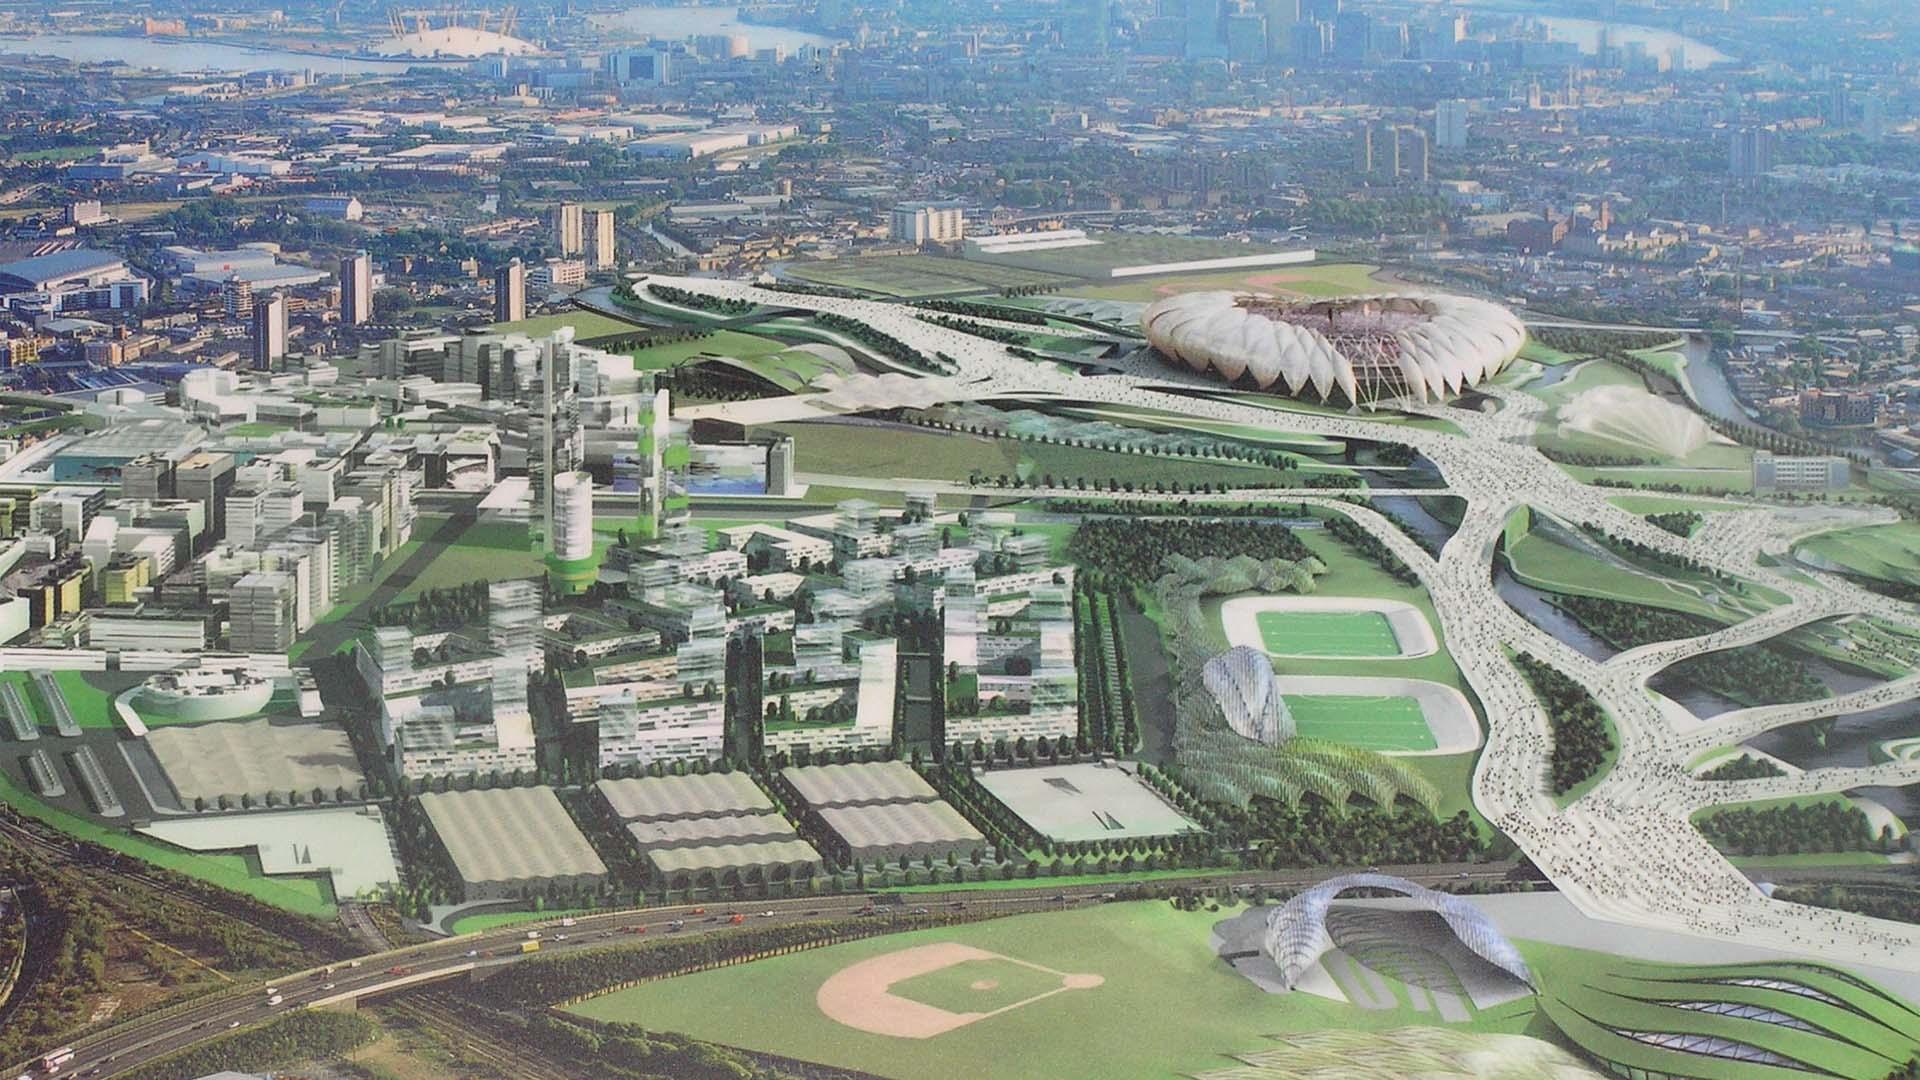 Empresas e instituciones se reunirán en el IESA para discutir nuevos proyectos de urbanismo para Venezuela